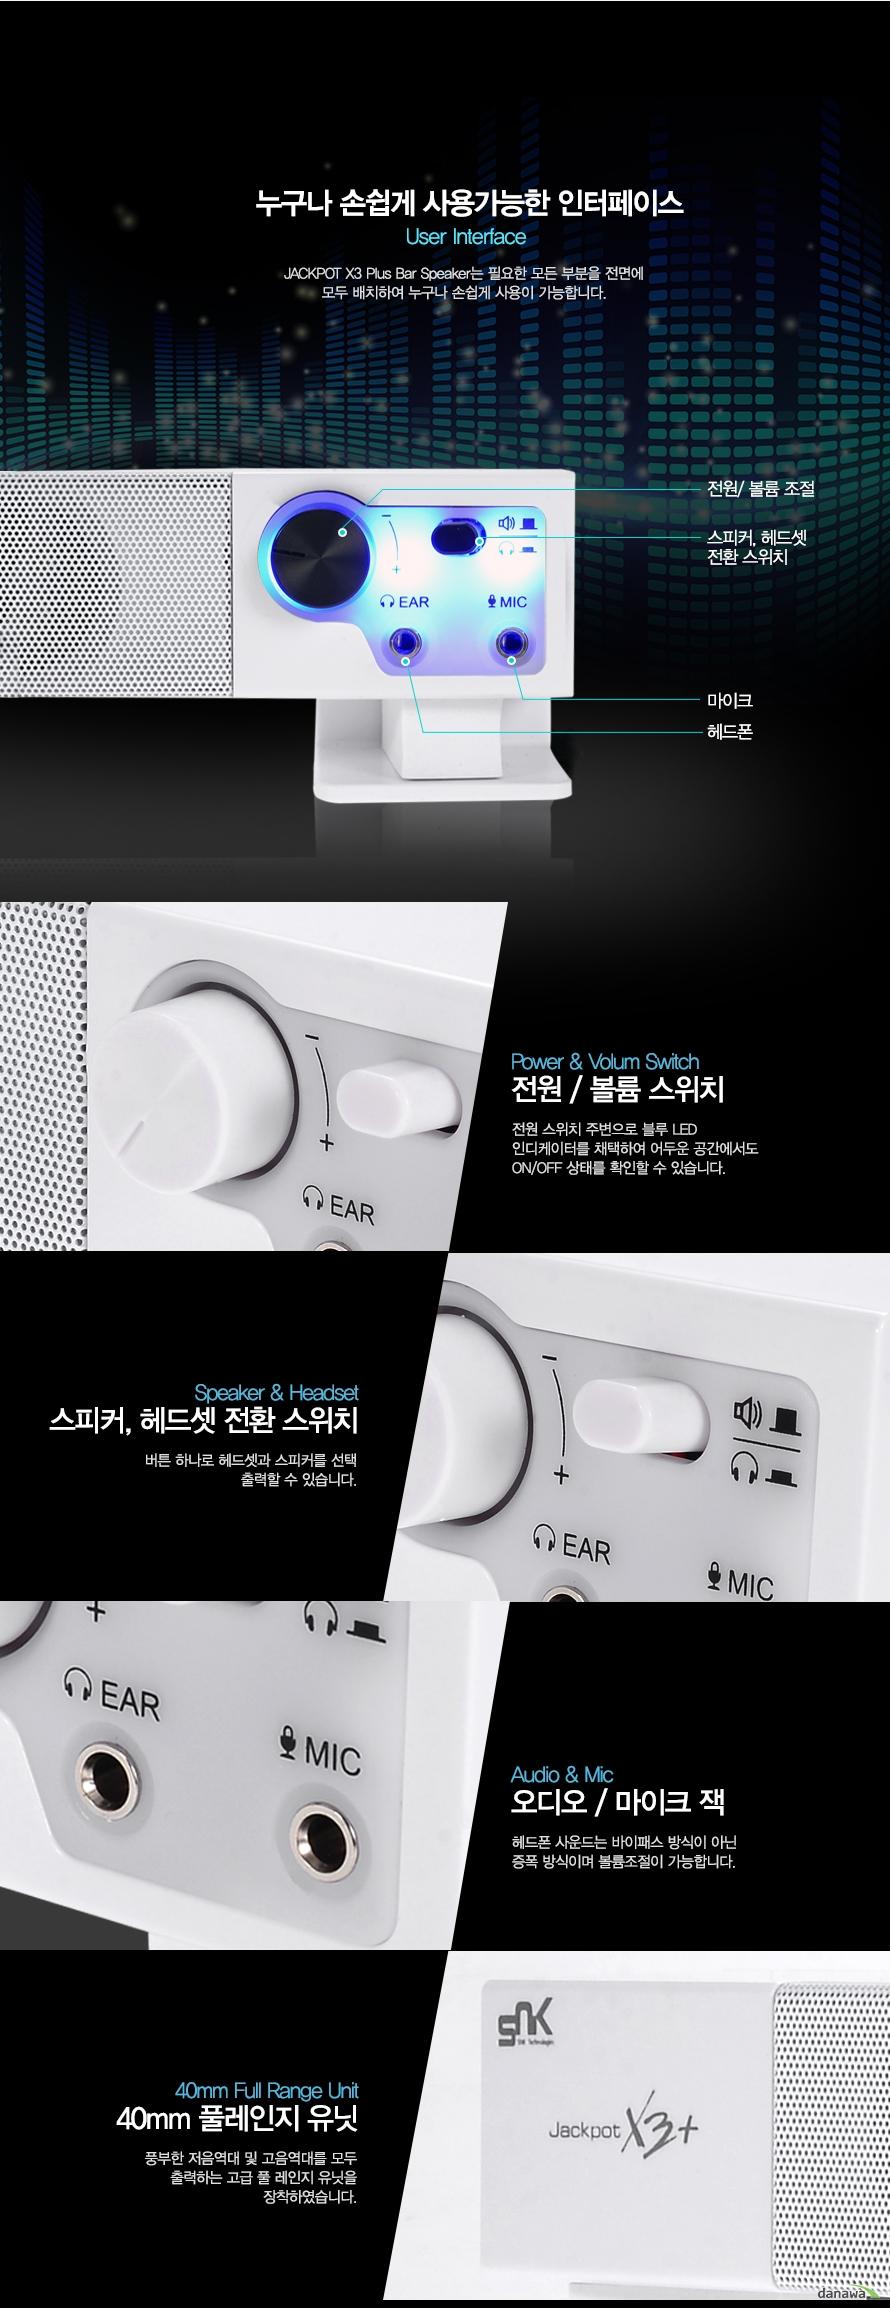 누구나 손쉽게 사용가능한 인터페이스 User interface    Jackpot x3 Plus Bar speaker는 필요한 모든 부분을 전면에 모두 배치하여 누구나 손쉽게 사용이 가능합니다.    전원 볼륨조절 스피커 헤드셋 전환 스위치 마이크 헤드폰    전원 볼륨 스위치 전원스위치주변으로 블루 LED 인디케이터를 채택하여 어두운 공간에서도 On off 상태를 환일할 수 있습니다.    스피커 헤드셋 전환 스위치 버튼 하나로 헤드셋과 스피커를 선택 출력할 수 있습니다.    오디오 마이크 잭 헤드폰 사운드는 바이패스 방식이 아닌 증폭 방식이며 볼륨조절이 가능합니다.    40mm 풀레인지 유닌 풍부한 저음역대 및 고음역대를 모두 출력하는 고급 풀 레인지 유닛을 장착하였습니다.